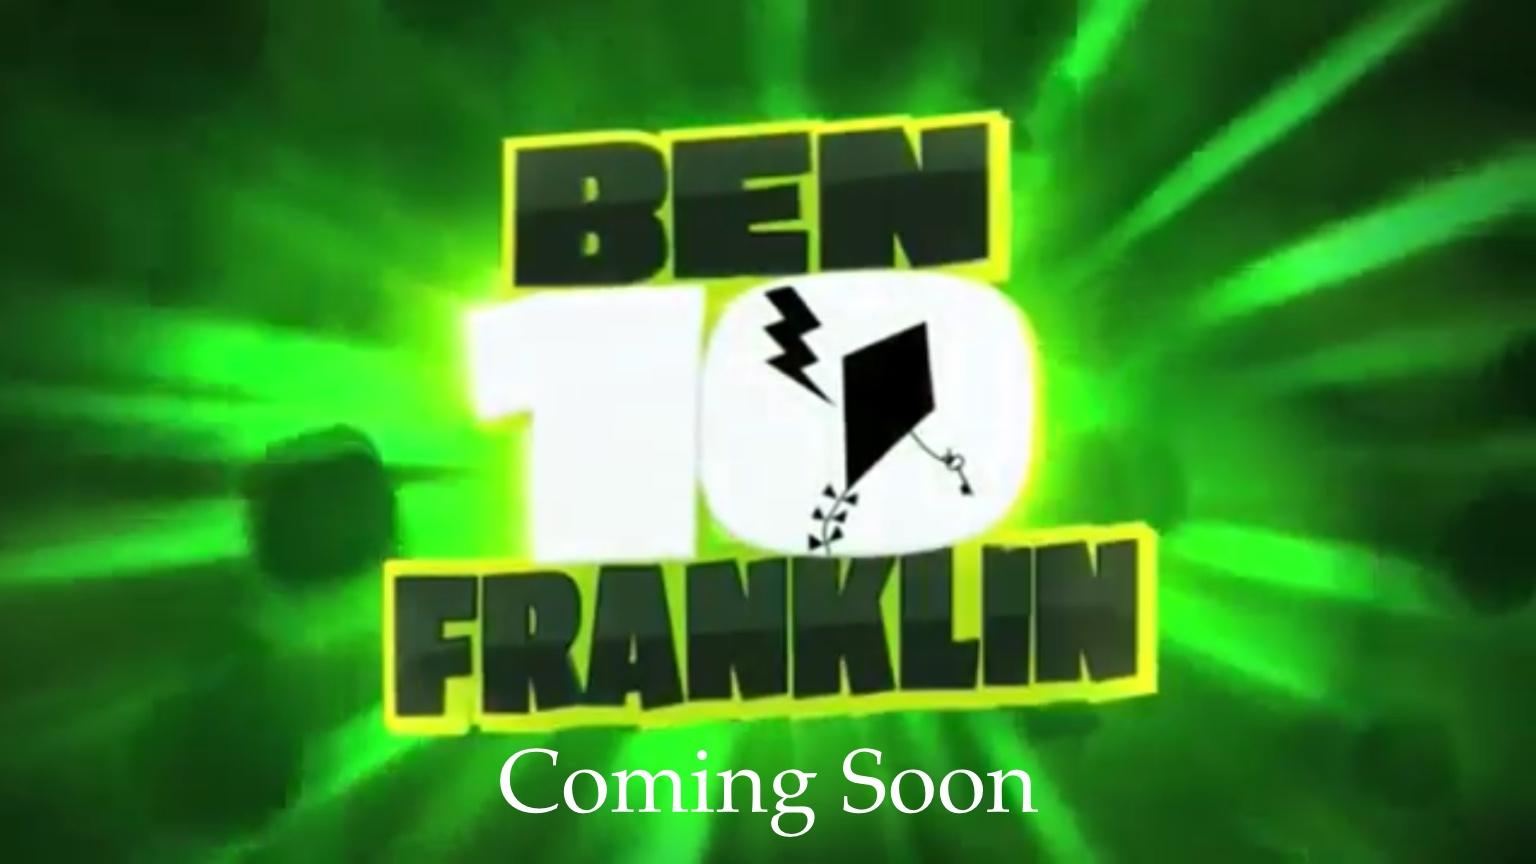 Ben 10 Franklin.jpeg